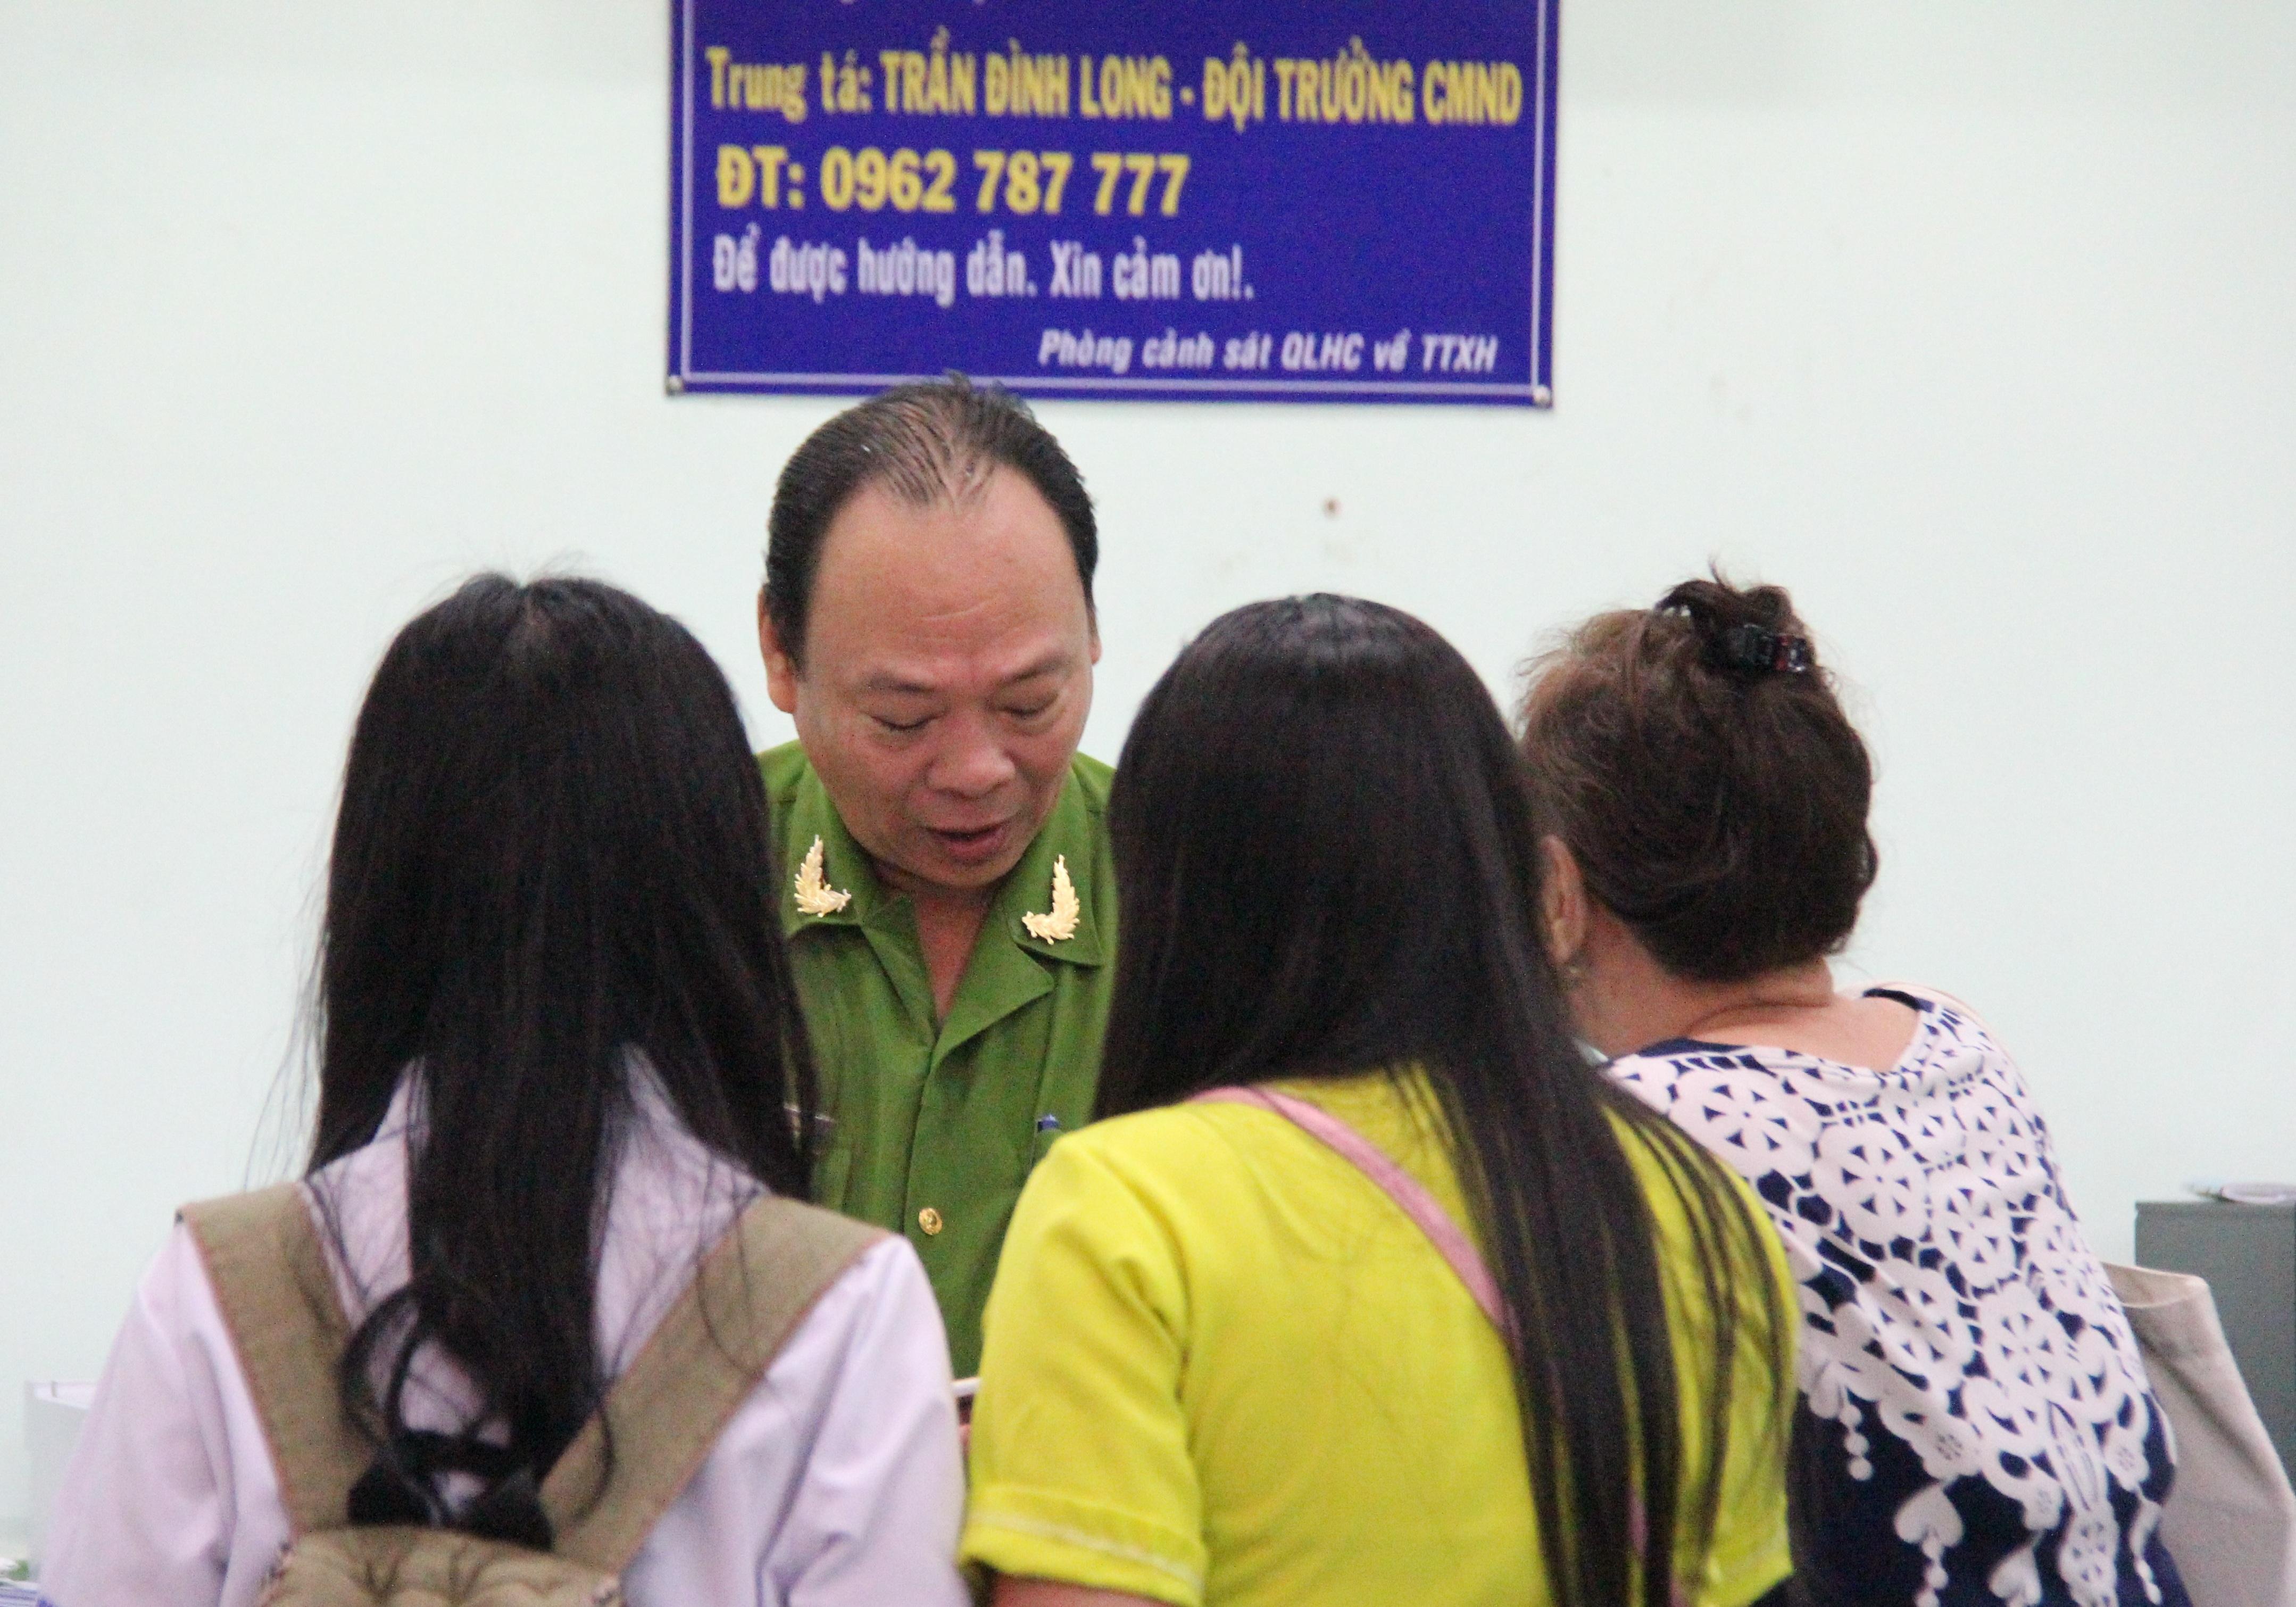 Trung tá Trần Đình Long có mặt trực tiếp từ sáng sớm để cùng cán bộ, chiến sĩ tiếp nhận hồ sơ cấp đổi CCCD cho người dân.